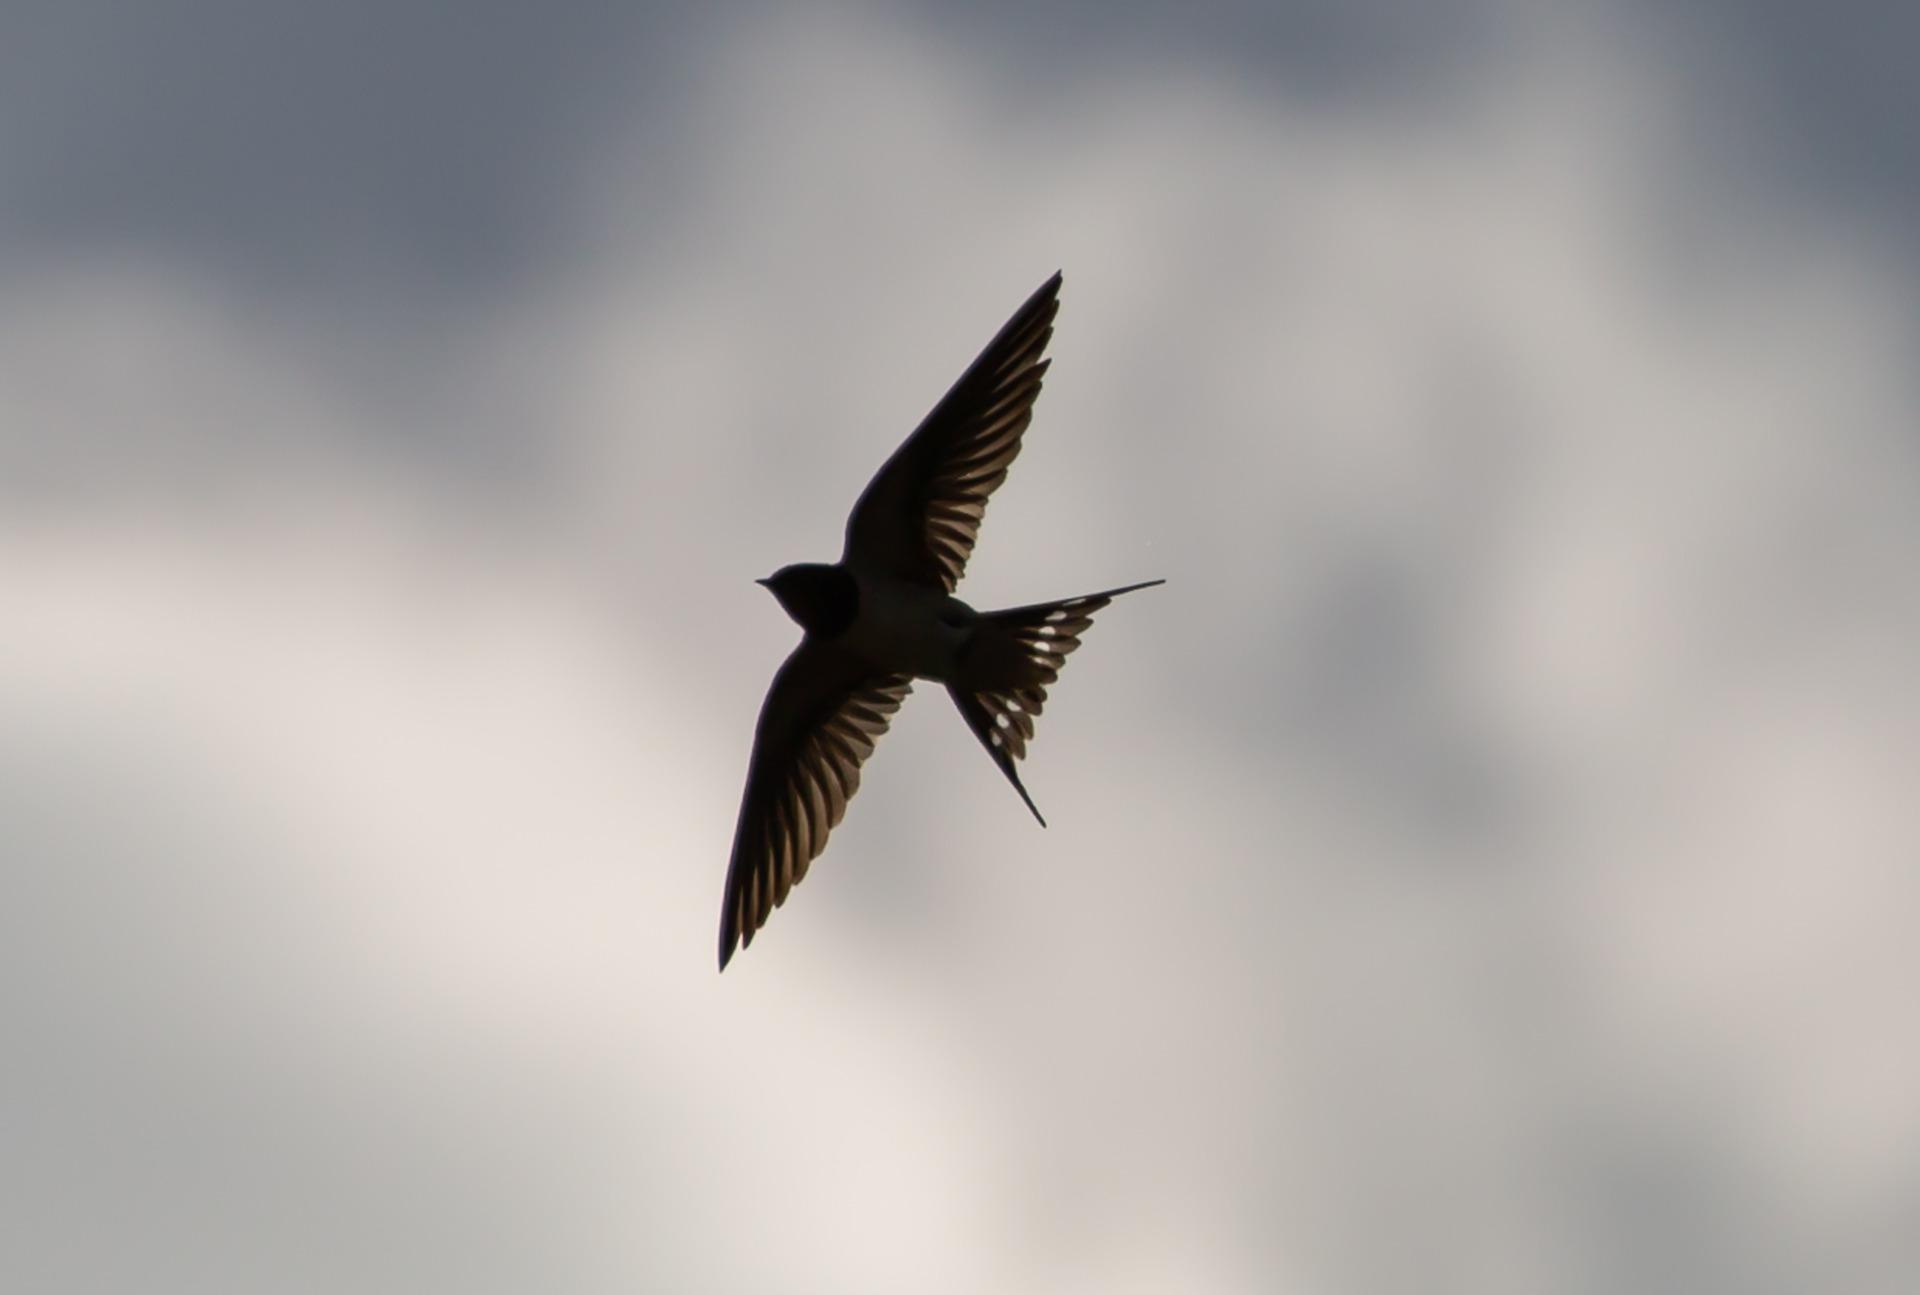 燕の旅立ち